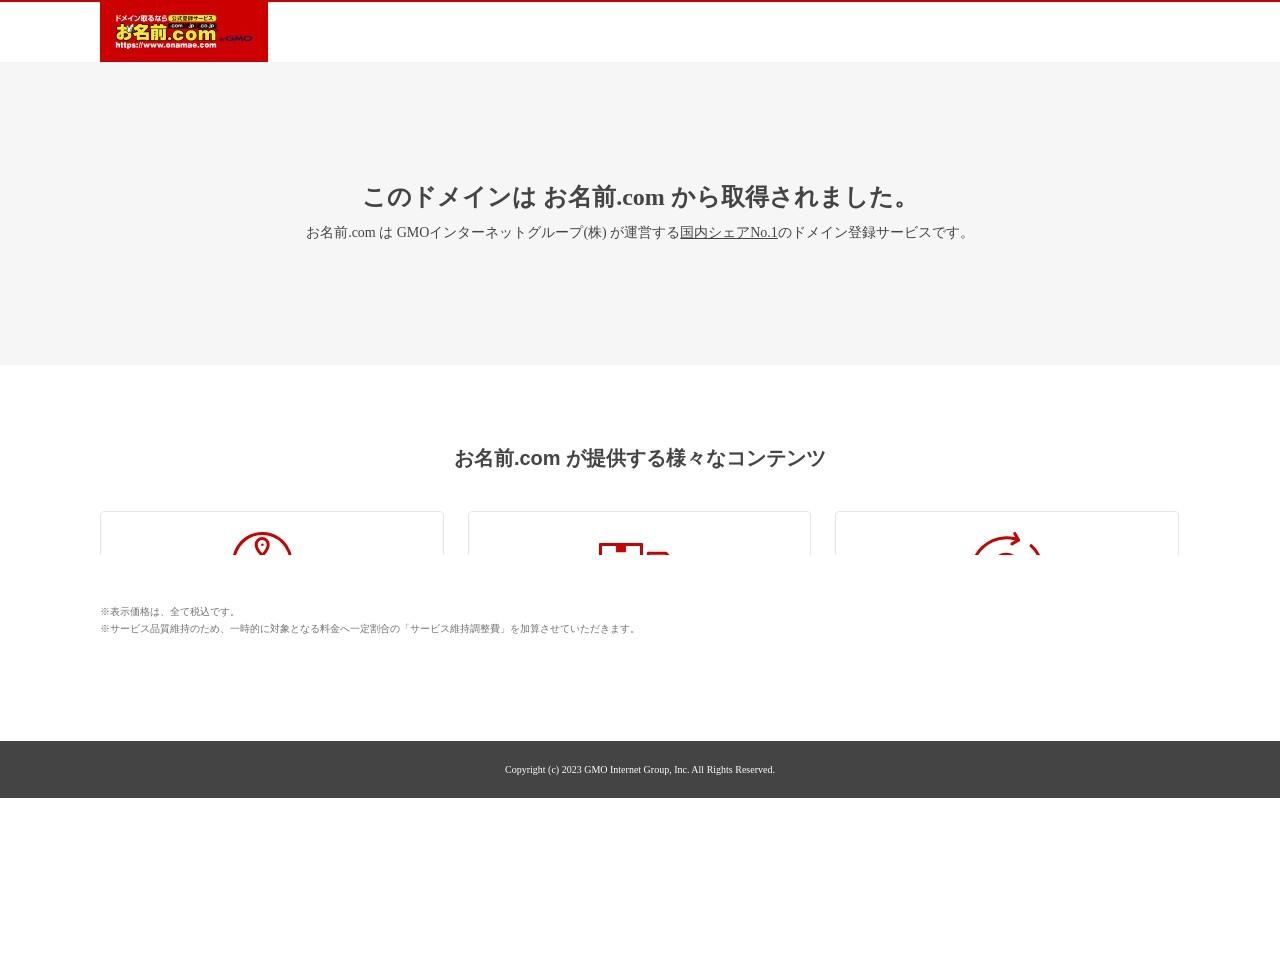 カープロショップ本間モータース